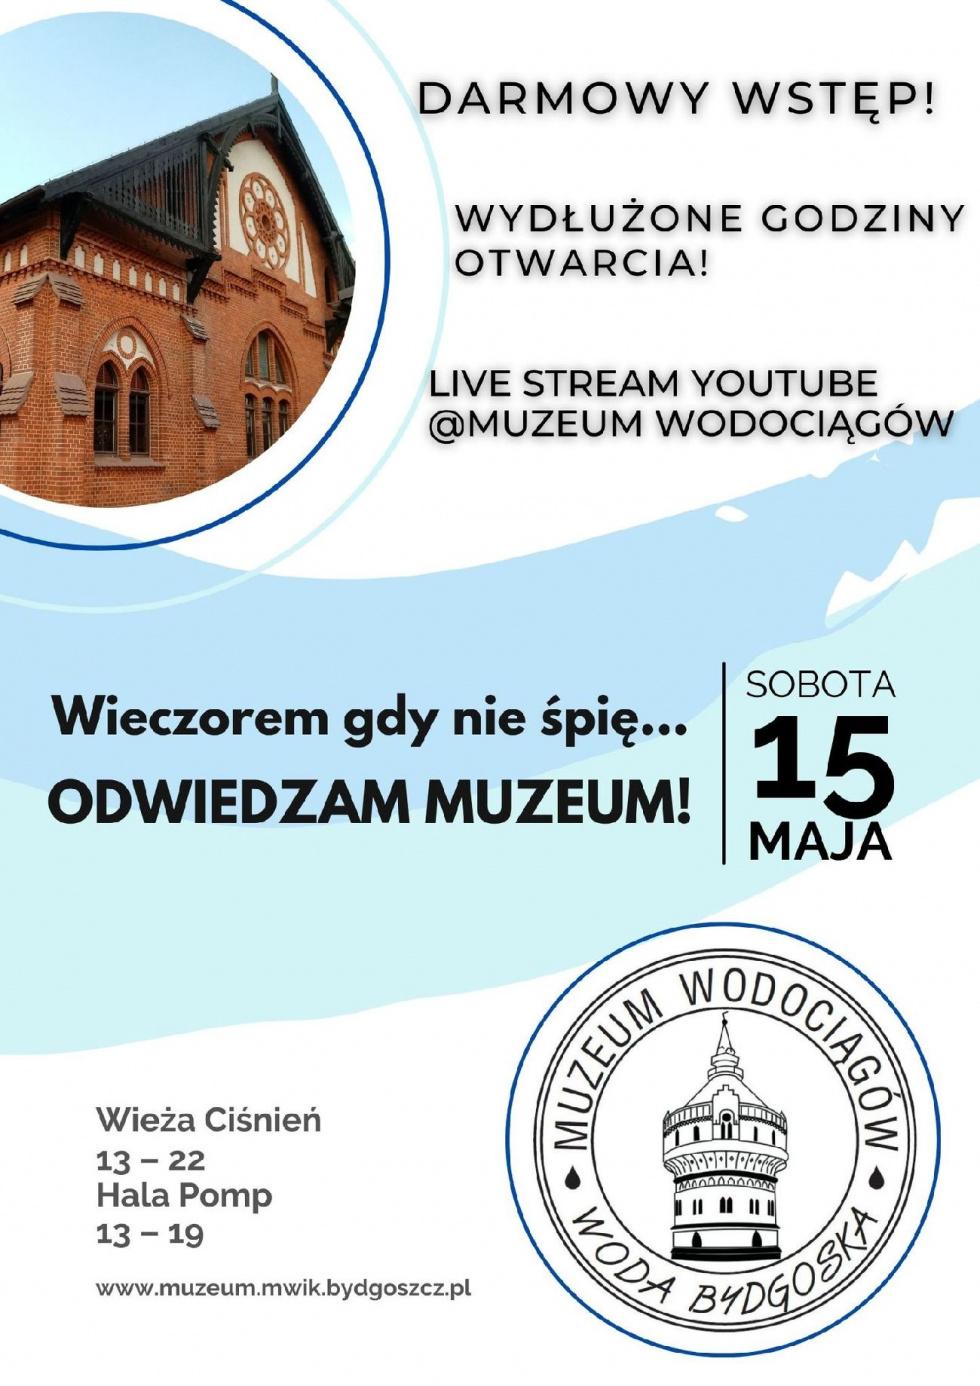 Międzynarodowy Dzień Muzeów w Bydgoszczy